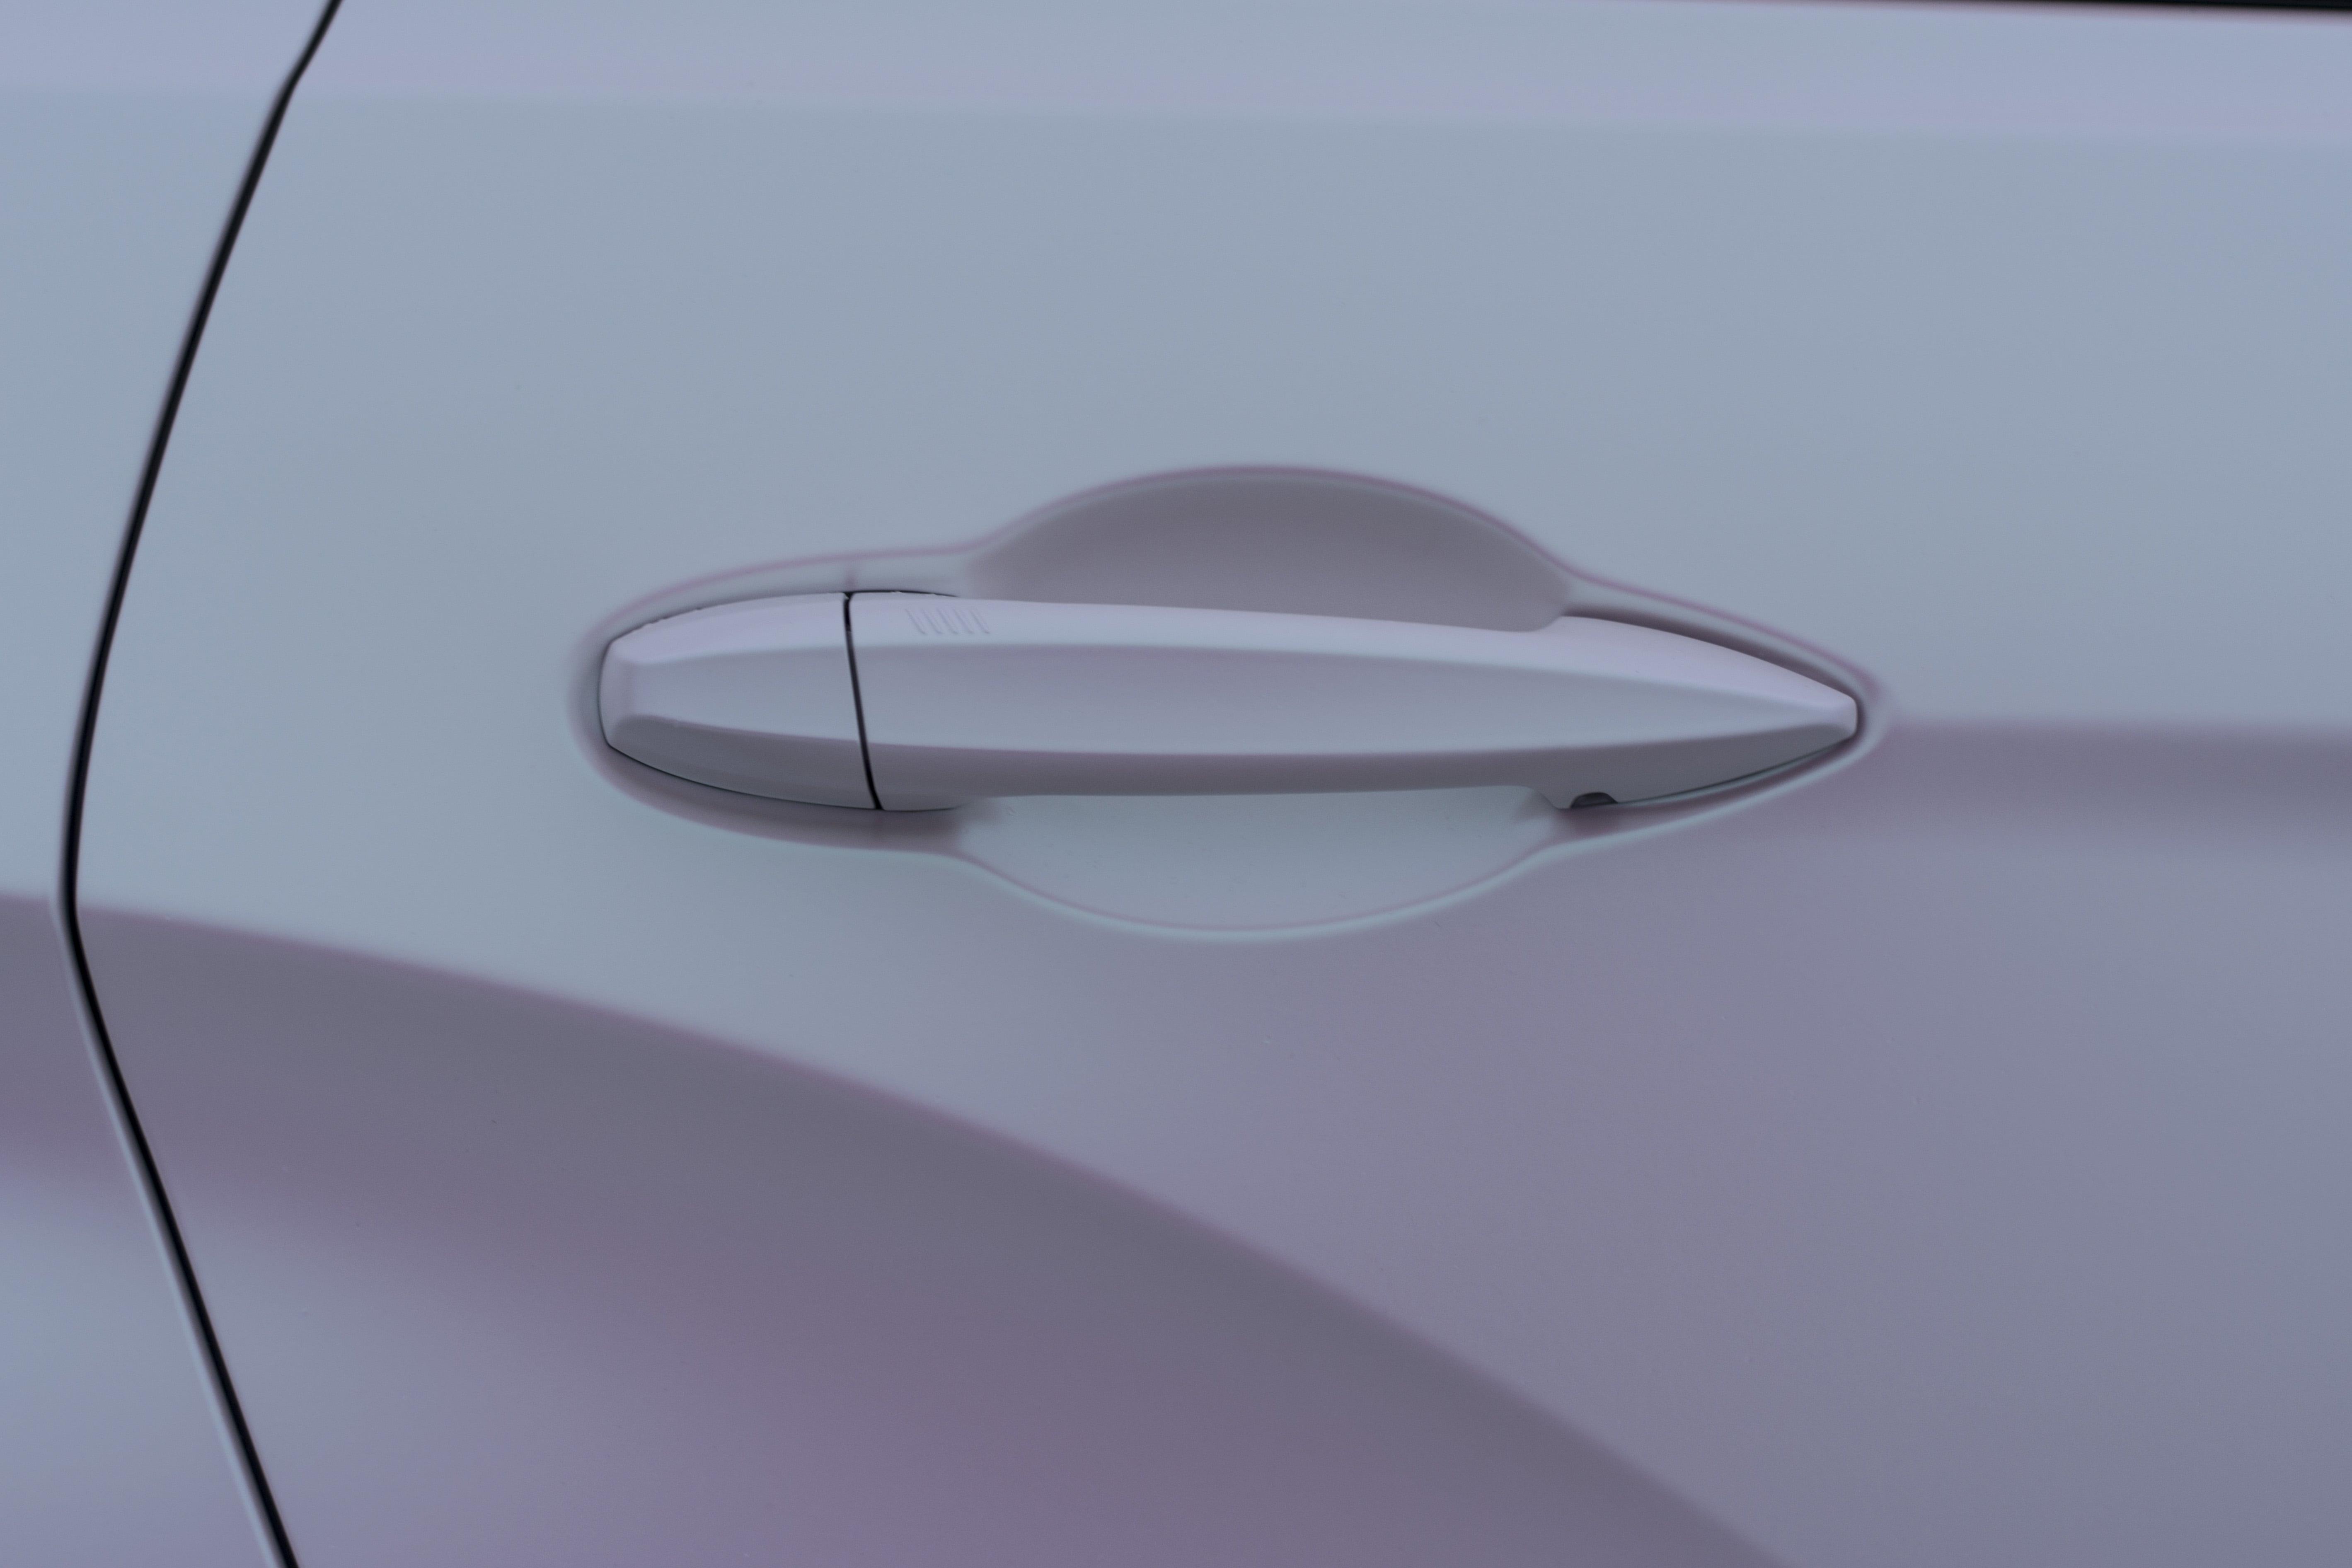 BMW X8 door and handle.